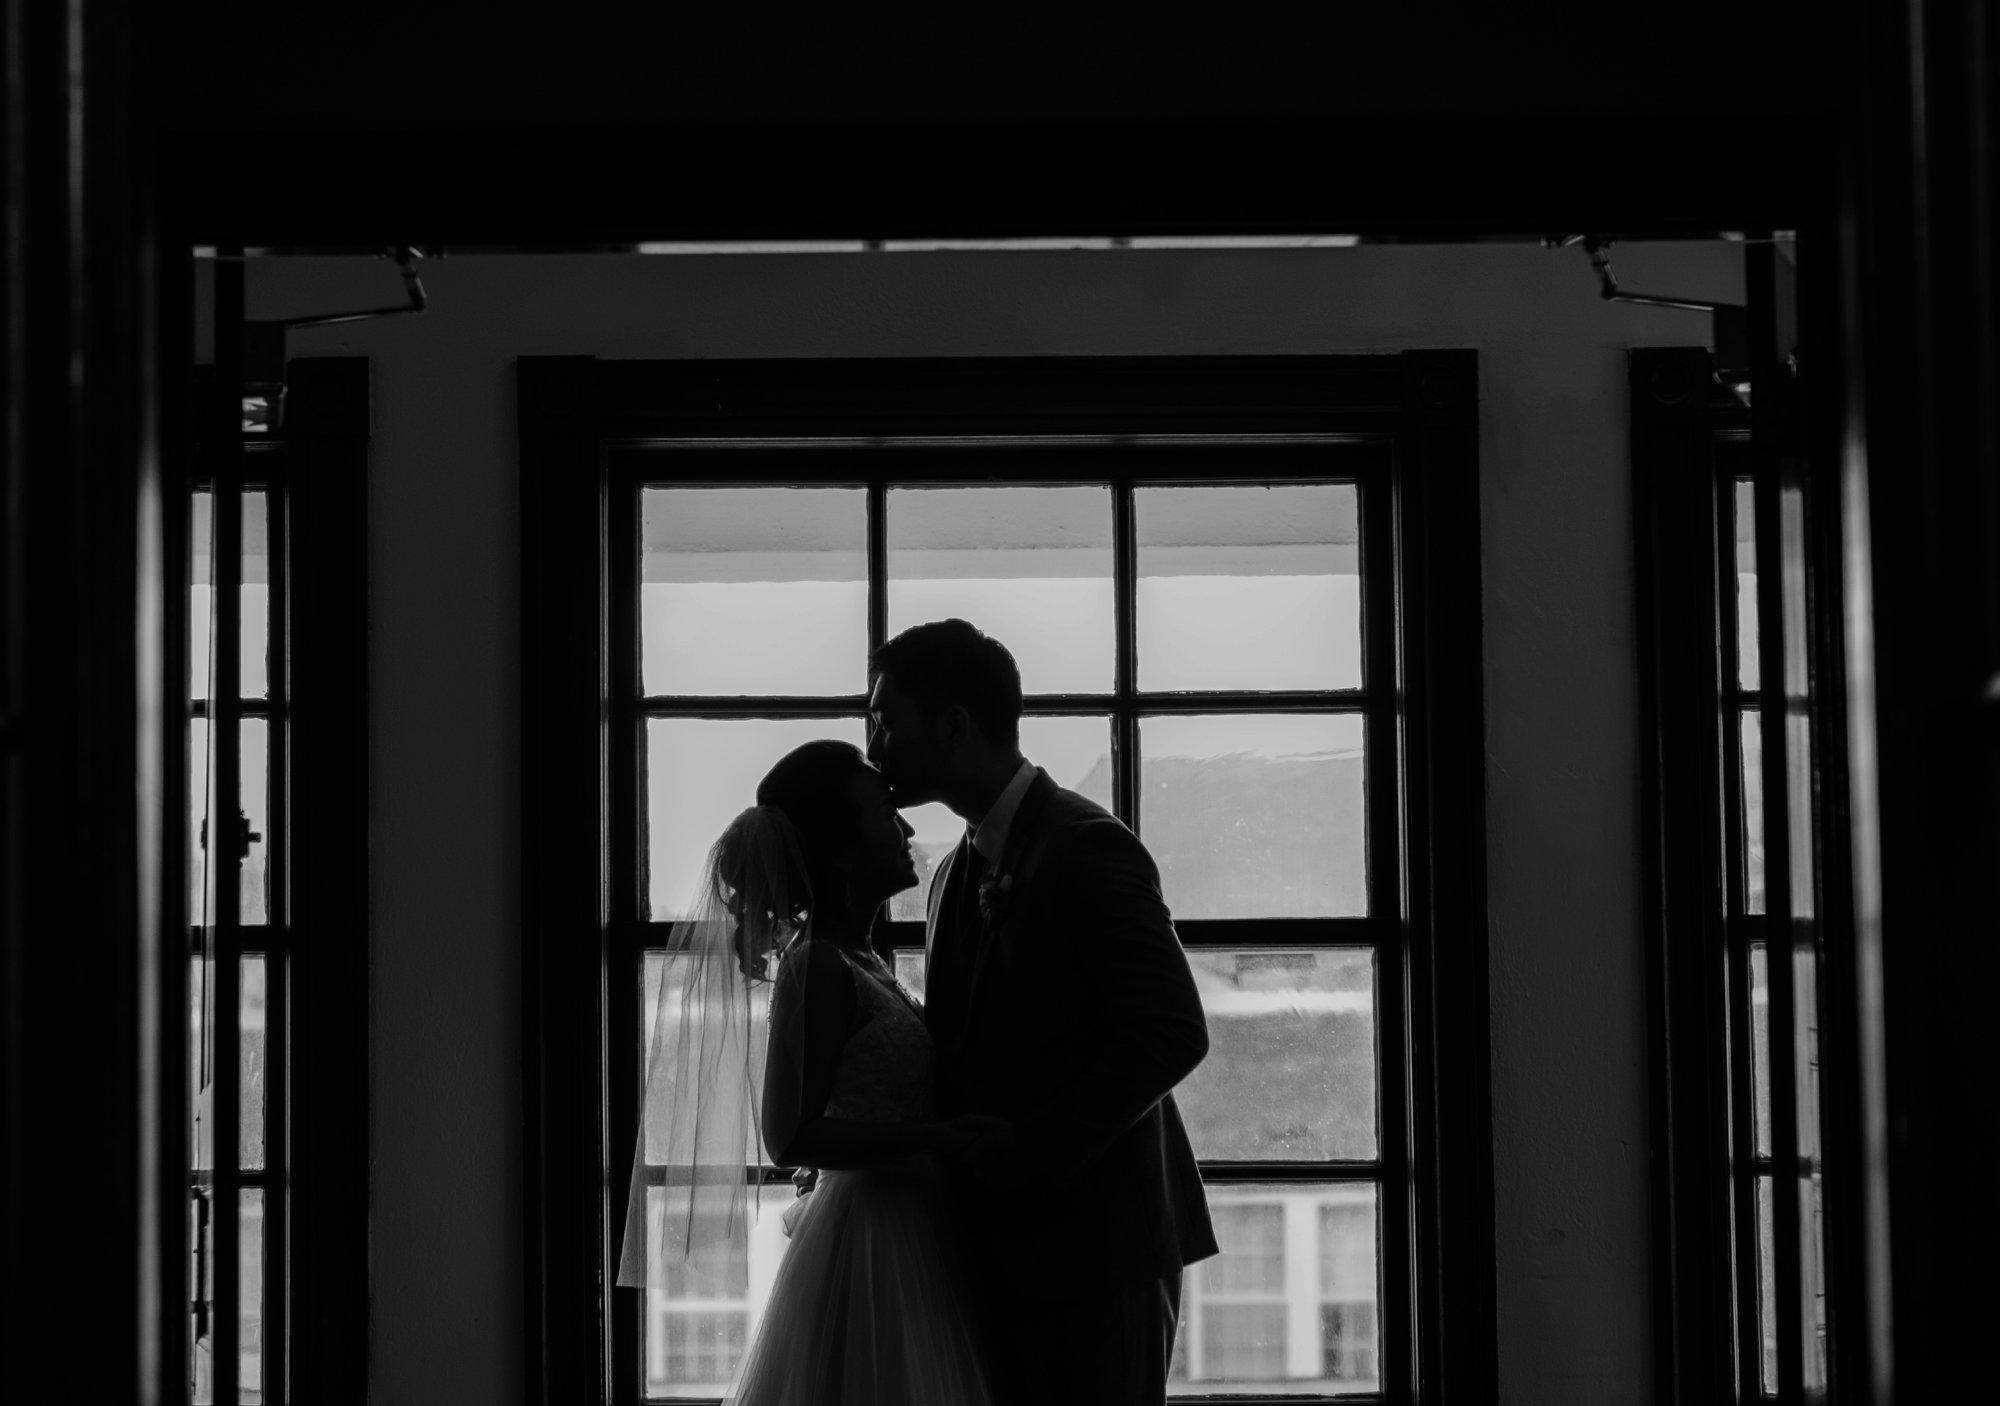 fairfax-dc-wedding-old-city-hall_0074.jpg